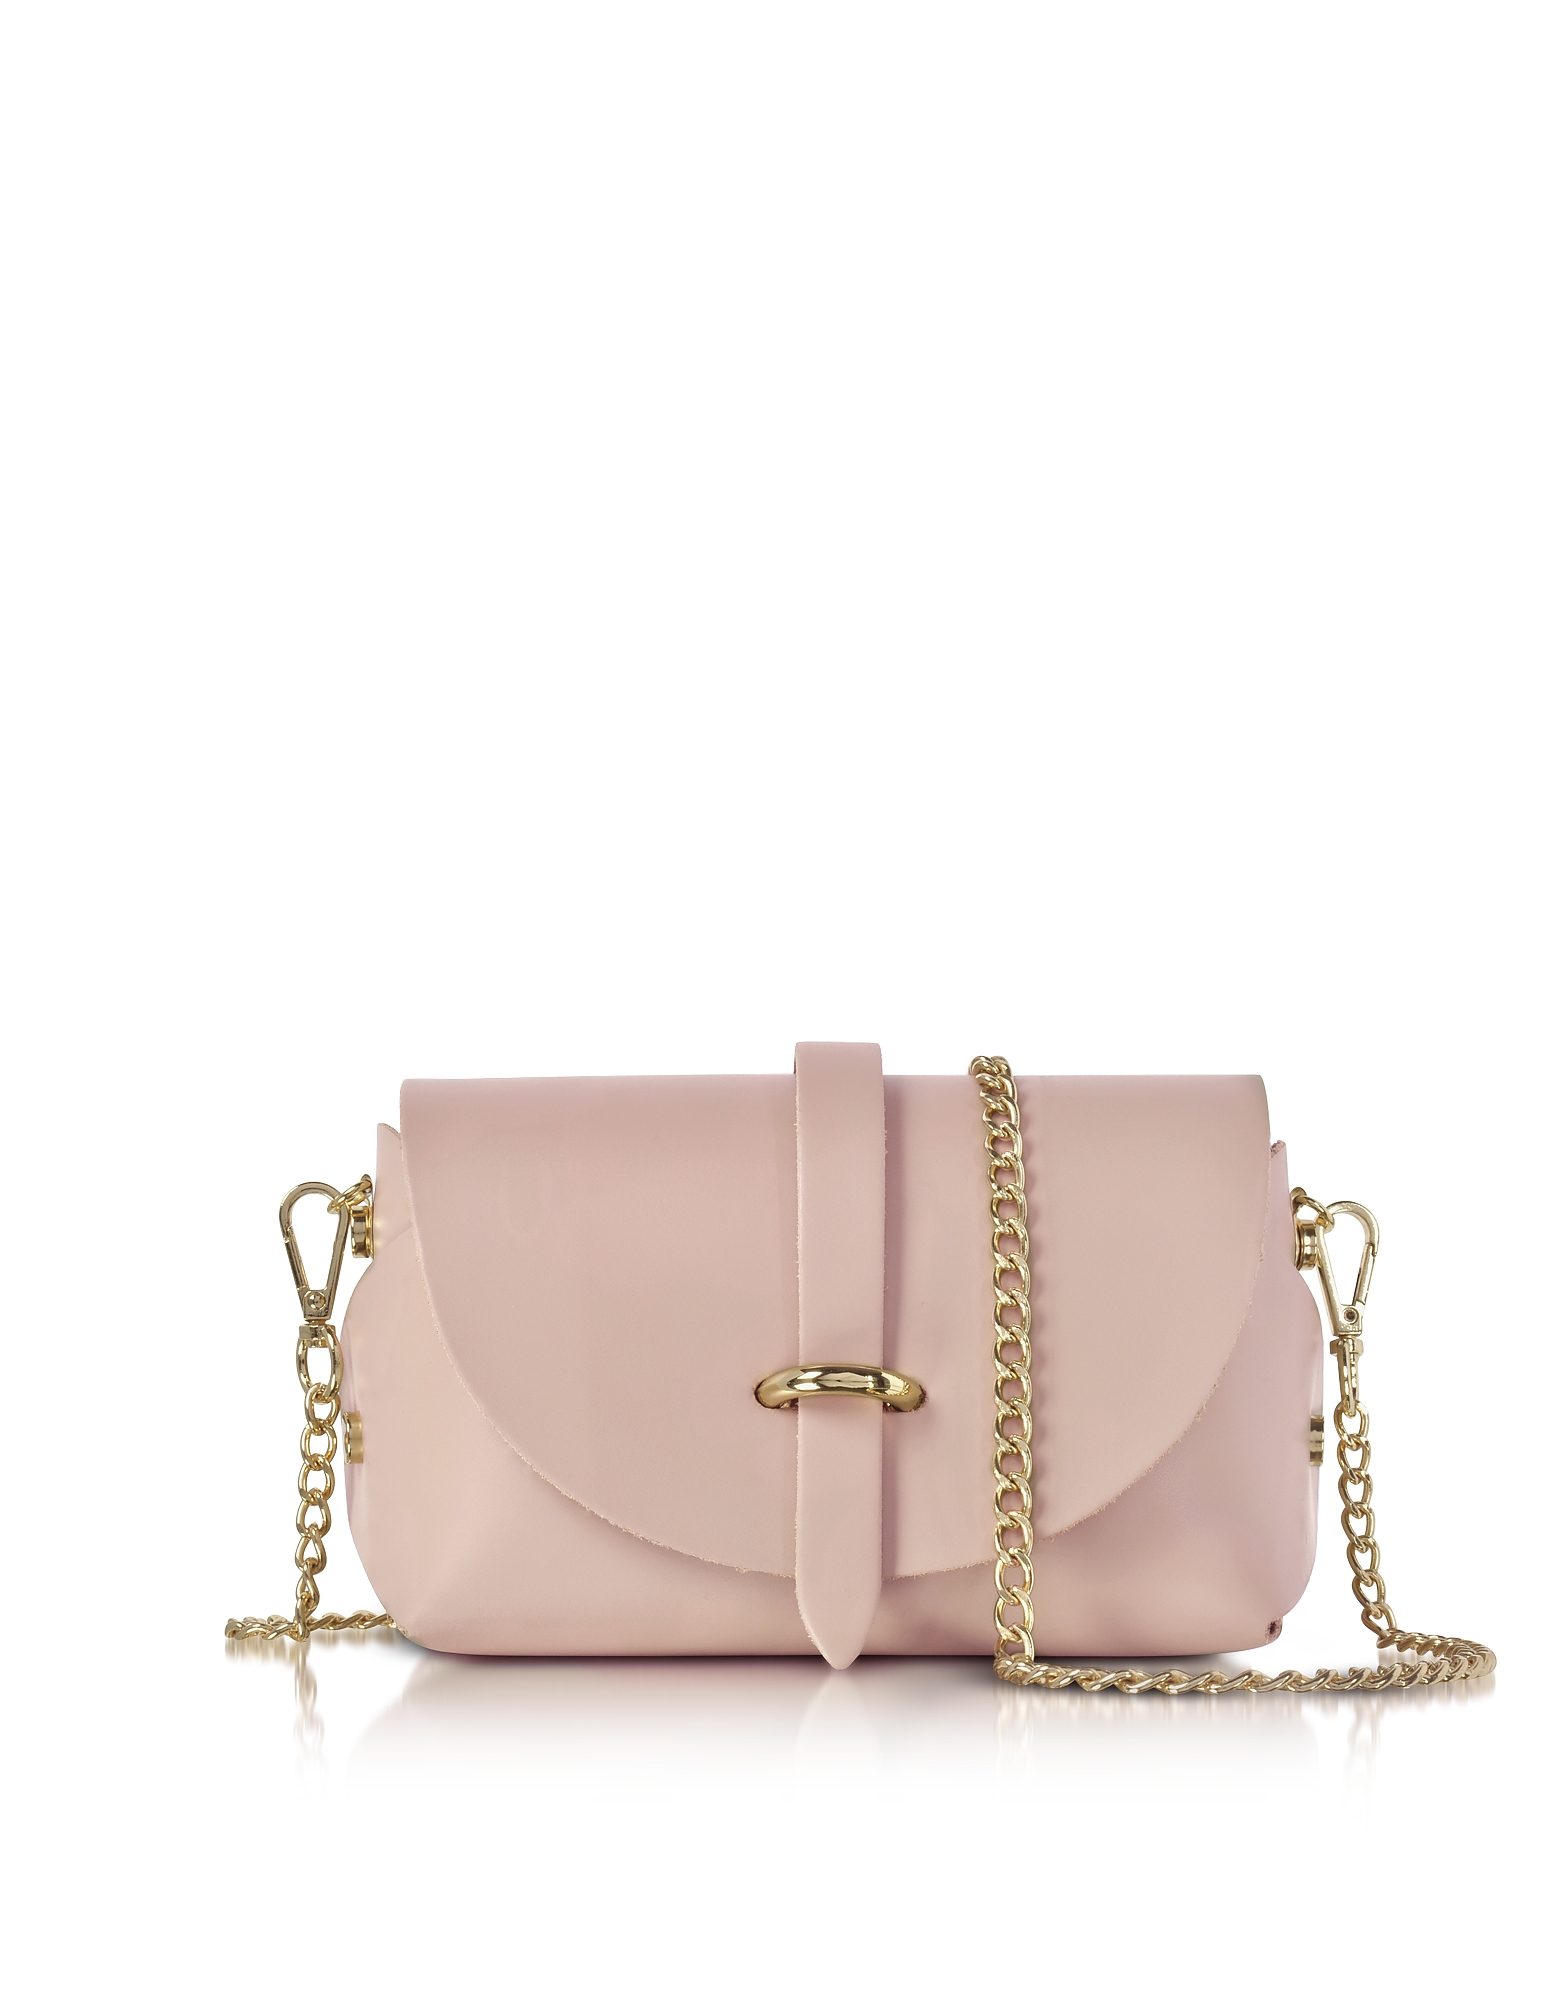 Le Parmentier Handbags, Caviar Candy Pink Leather Mini Shoulder Bag